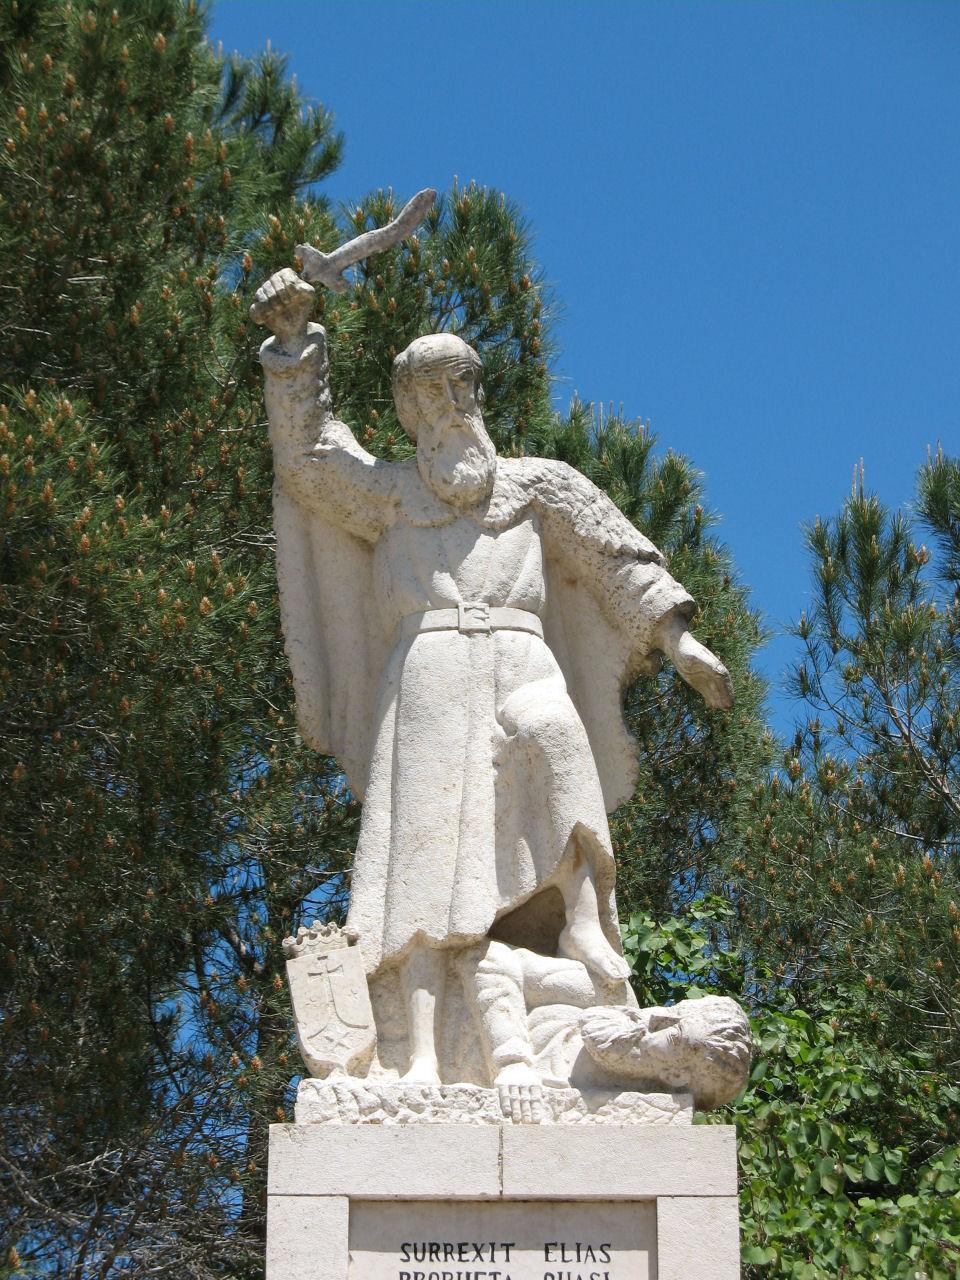 O profeta Santo Elias, estátua no Monte Carmelo em Terra Santa.  Ele pelos seu zelo por Deus bem pode ser considerado um modelo  para os Apóstolos dos Últimos Tempos